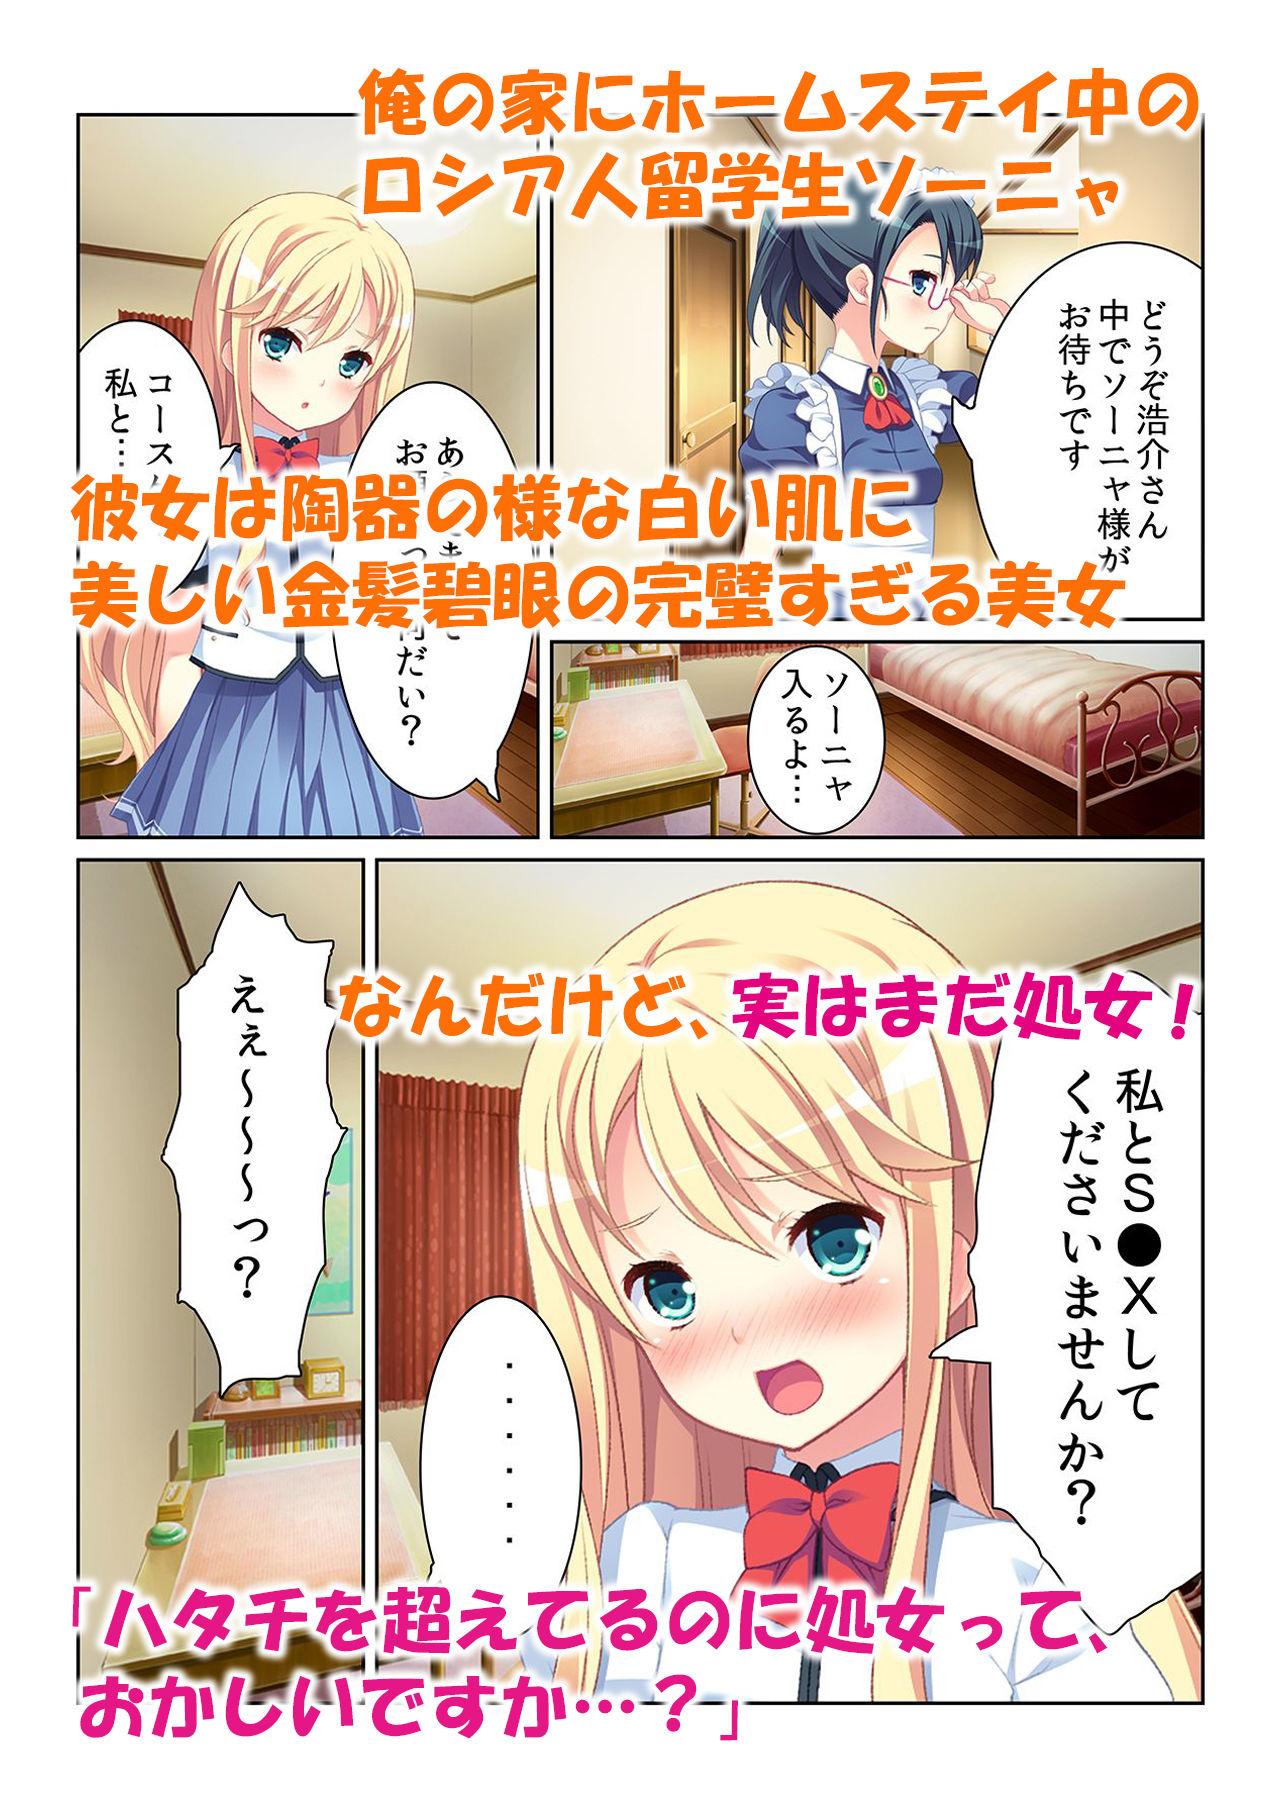 【カキタレちゃん 同人】「ダメっ…そこが気持ちイイの」~彼女と義妹の悶絶ご奉仕~